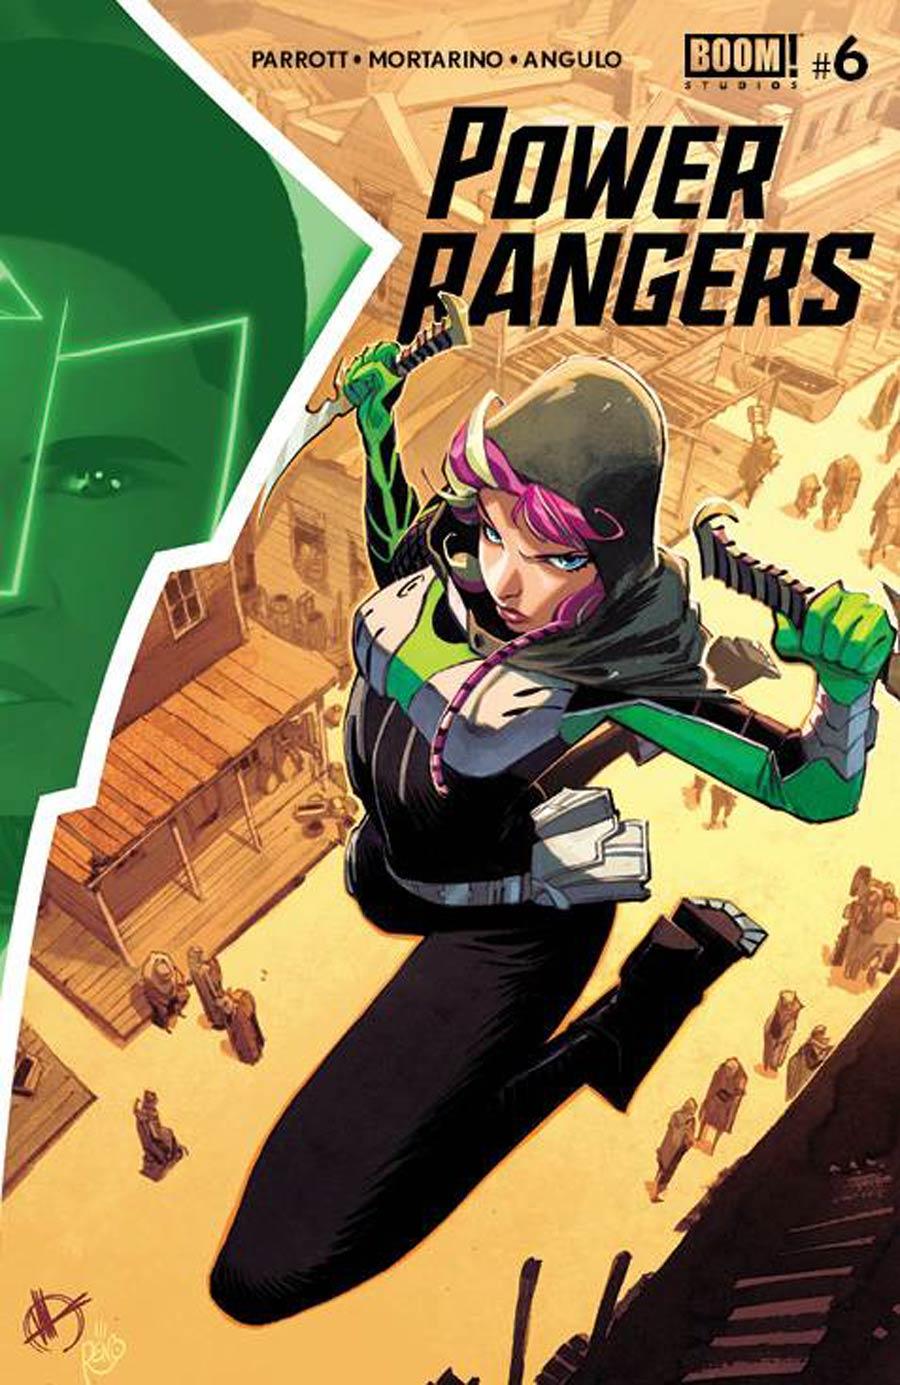 Power Rangers #6 Cover A Regular Matteo Scalera Cover